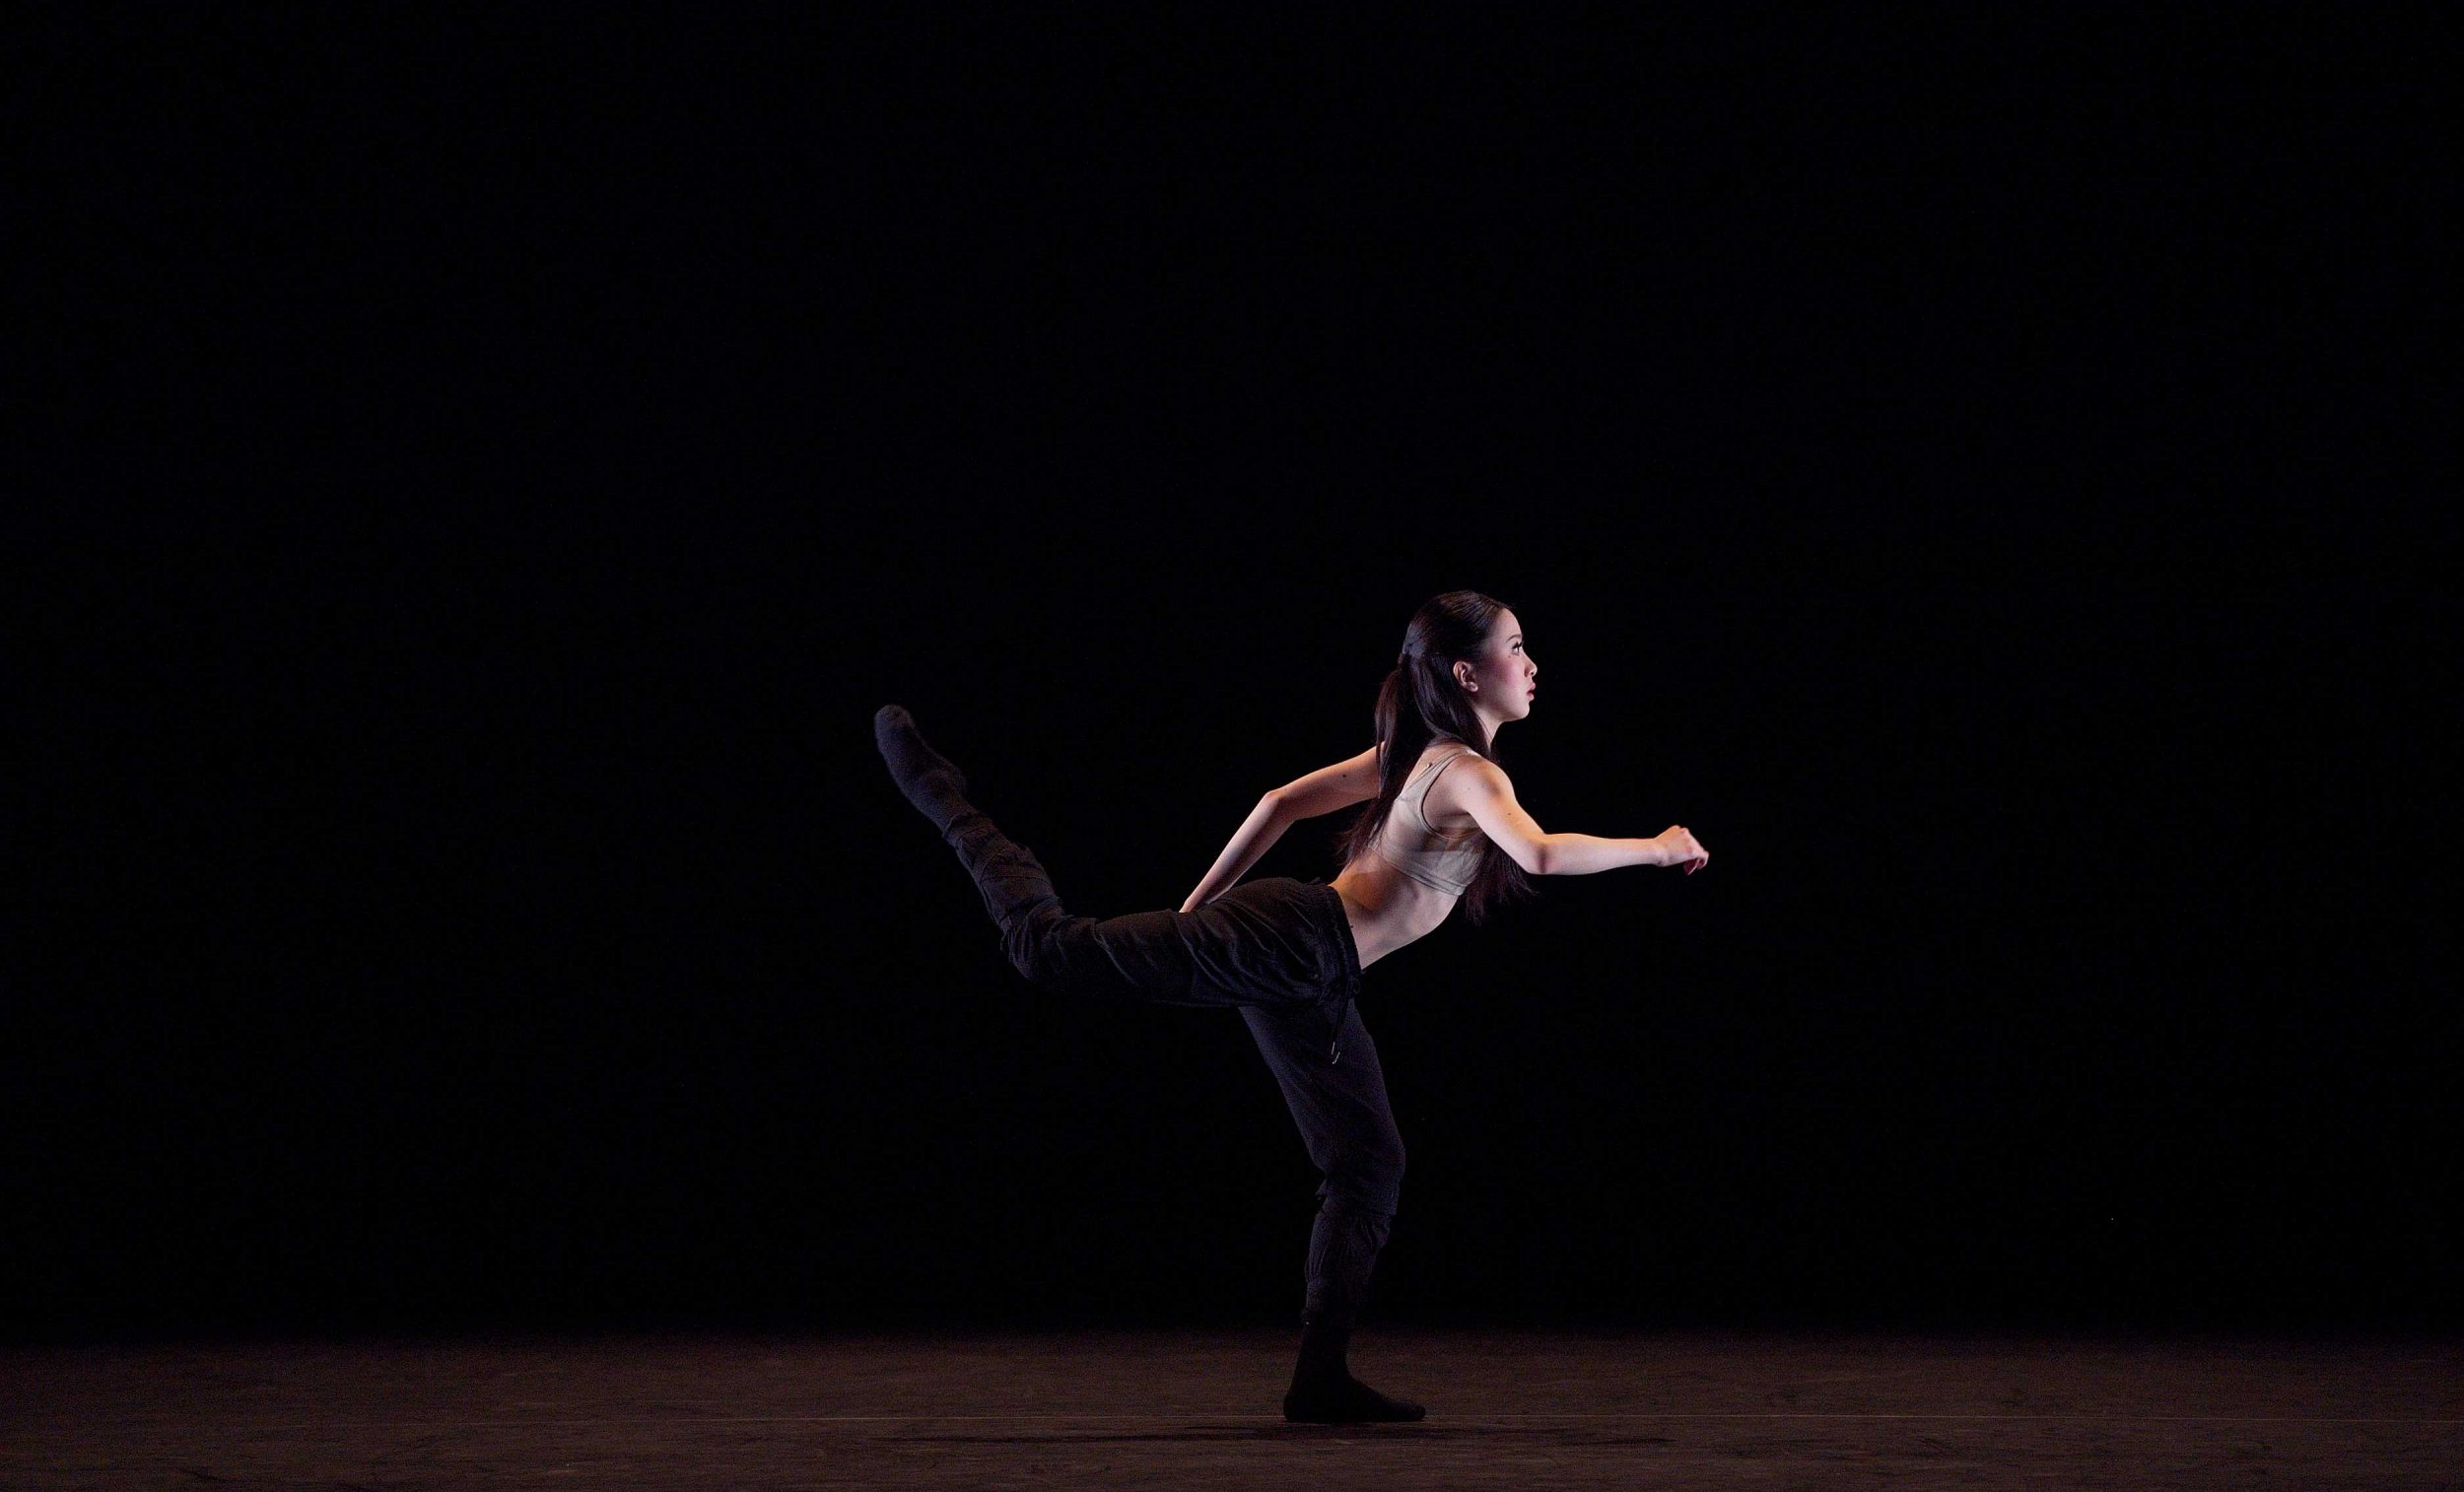 Rina-Kanehara-performing-Blind-Dreams-©-Laurent-Liotardo-(1)